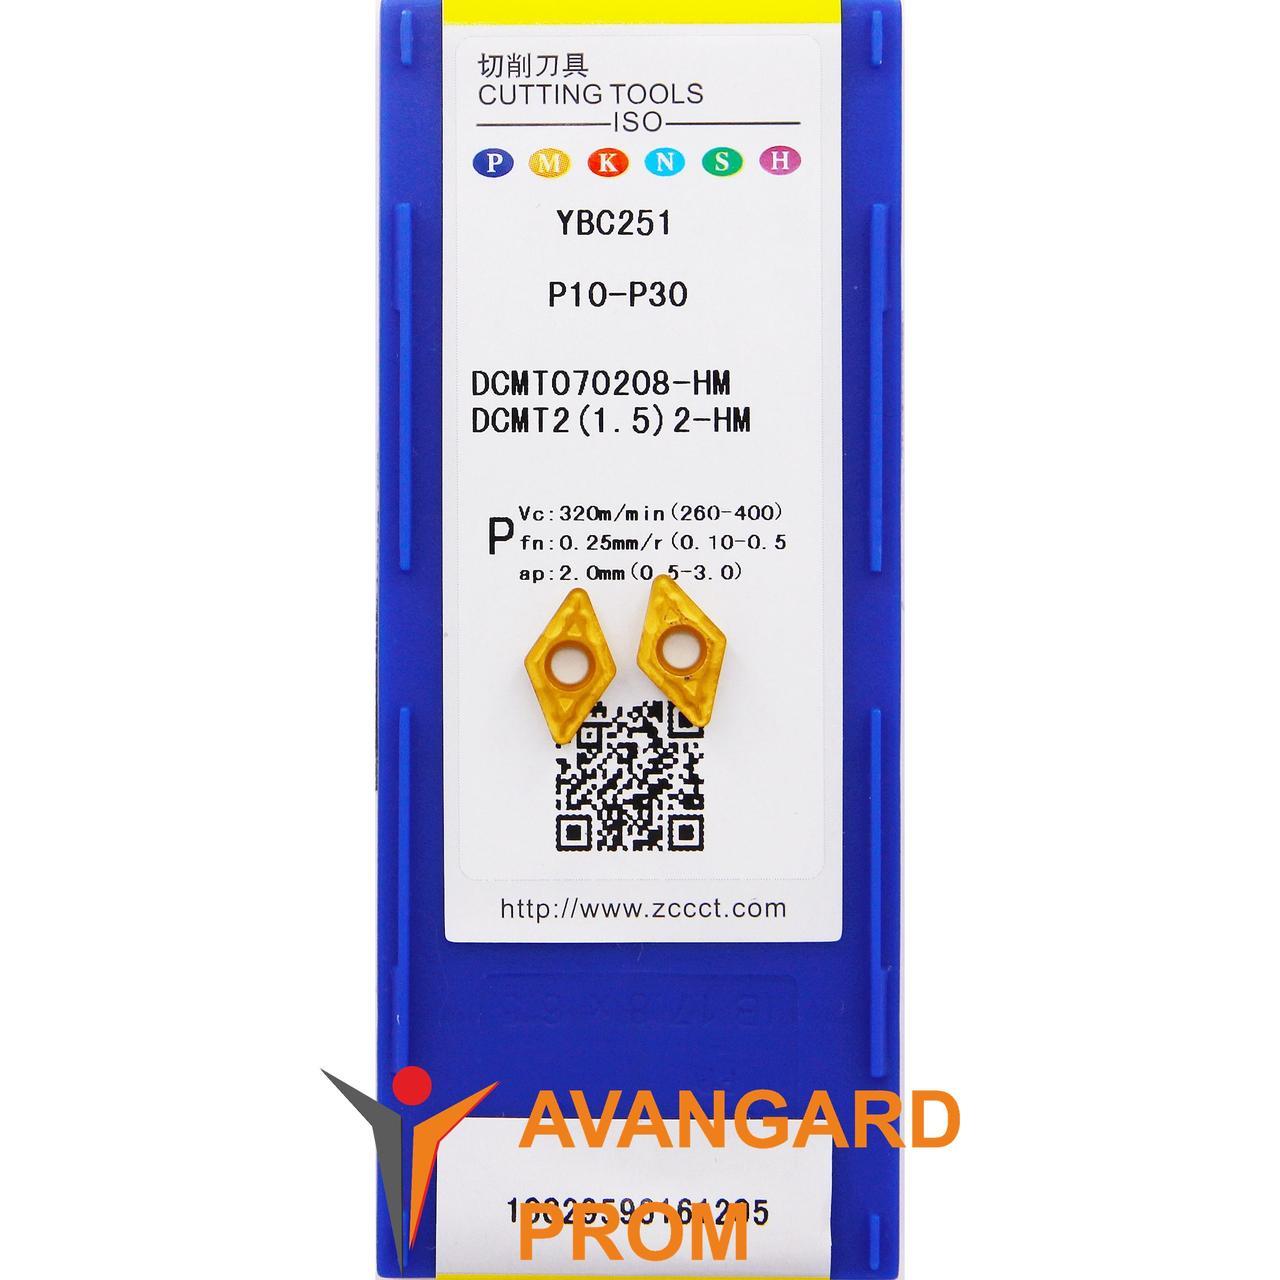 Пластина ZCC-CT DCMT 070208-HM YBC251